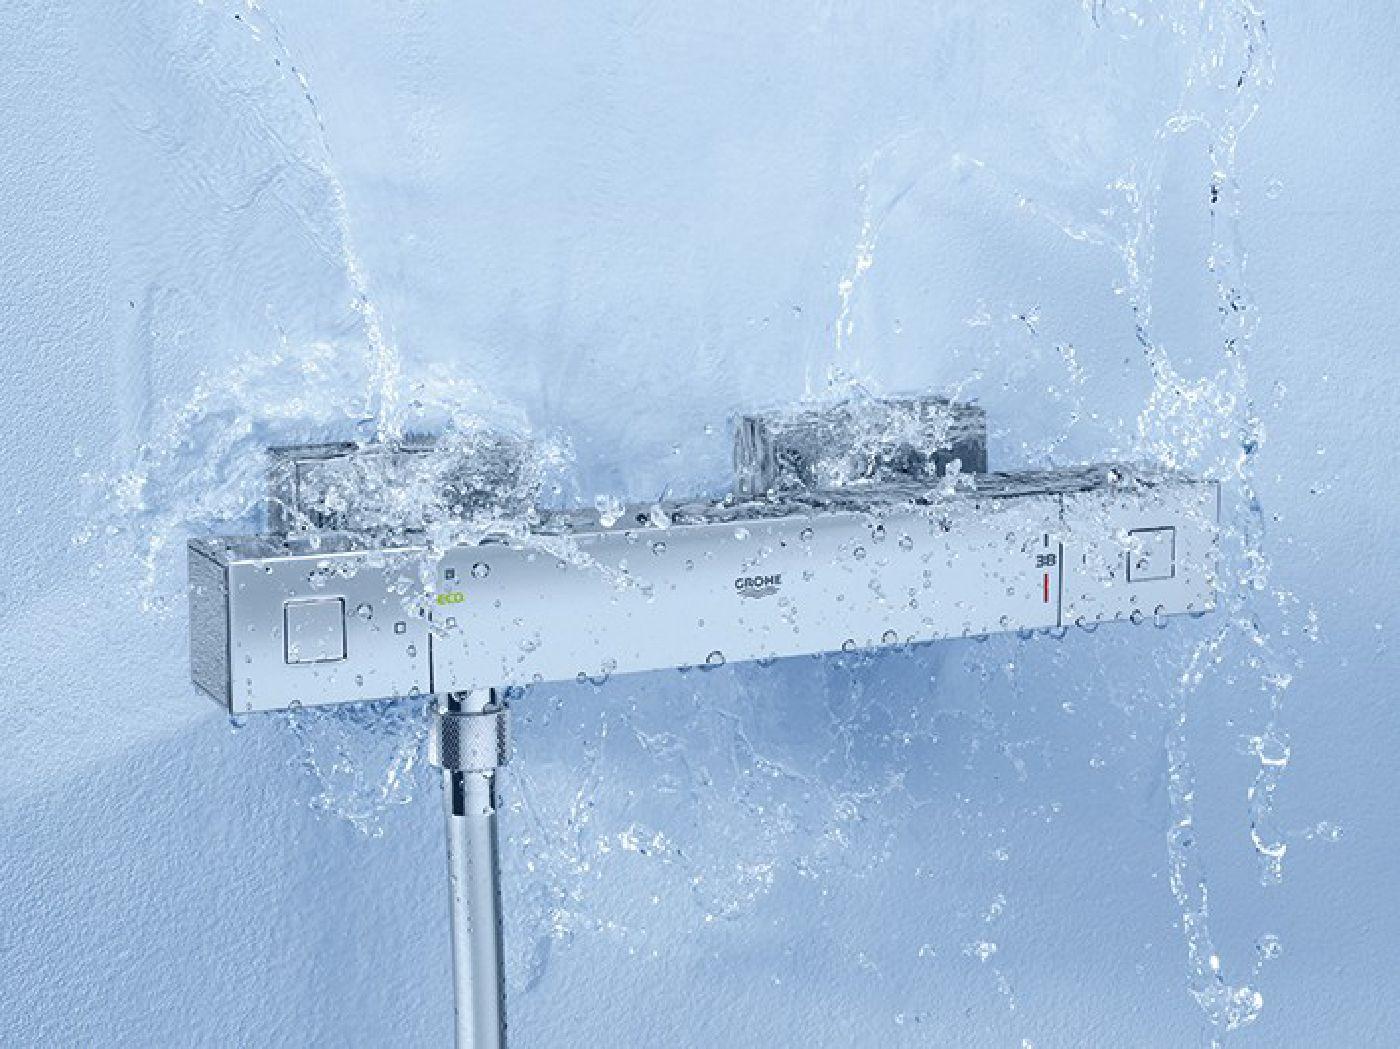 Ungewöhnlich Trendy Grohe Thermostat Dusche Fotos - Heimat Ideen ...